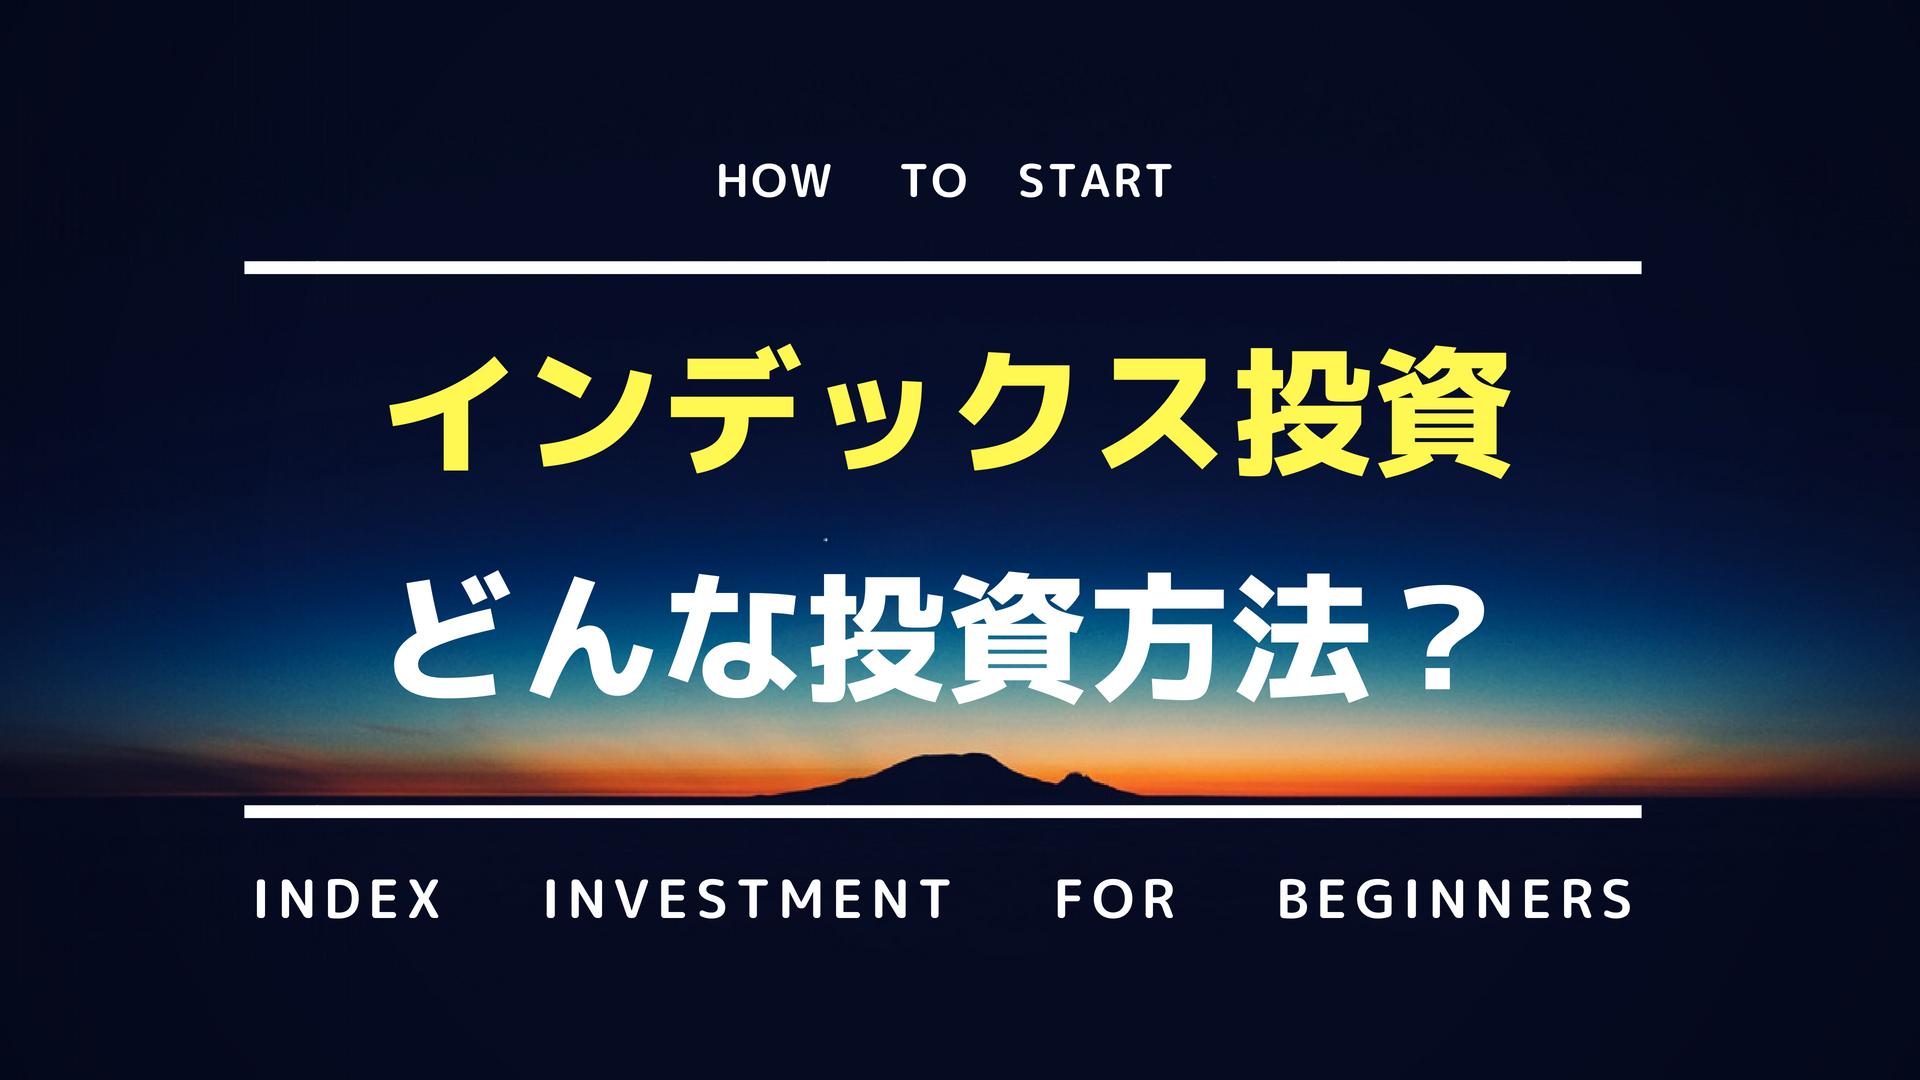 インデックス投資ってどんな投資方法?